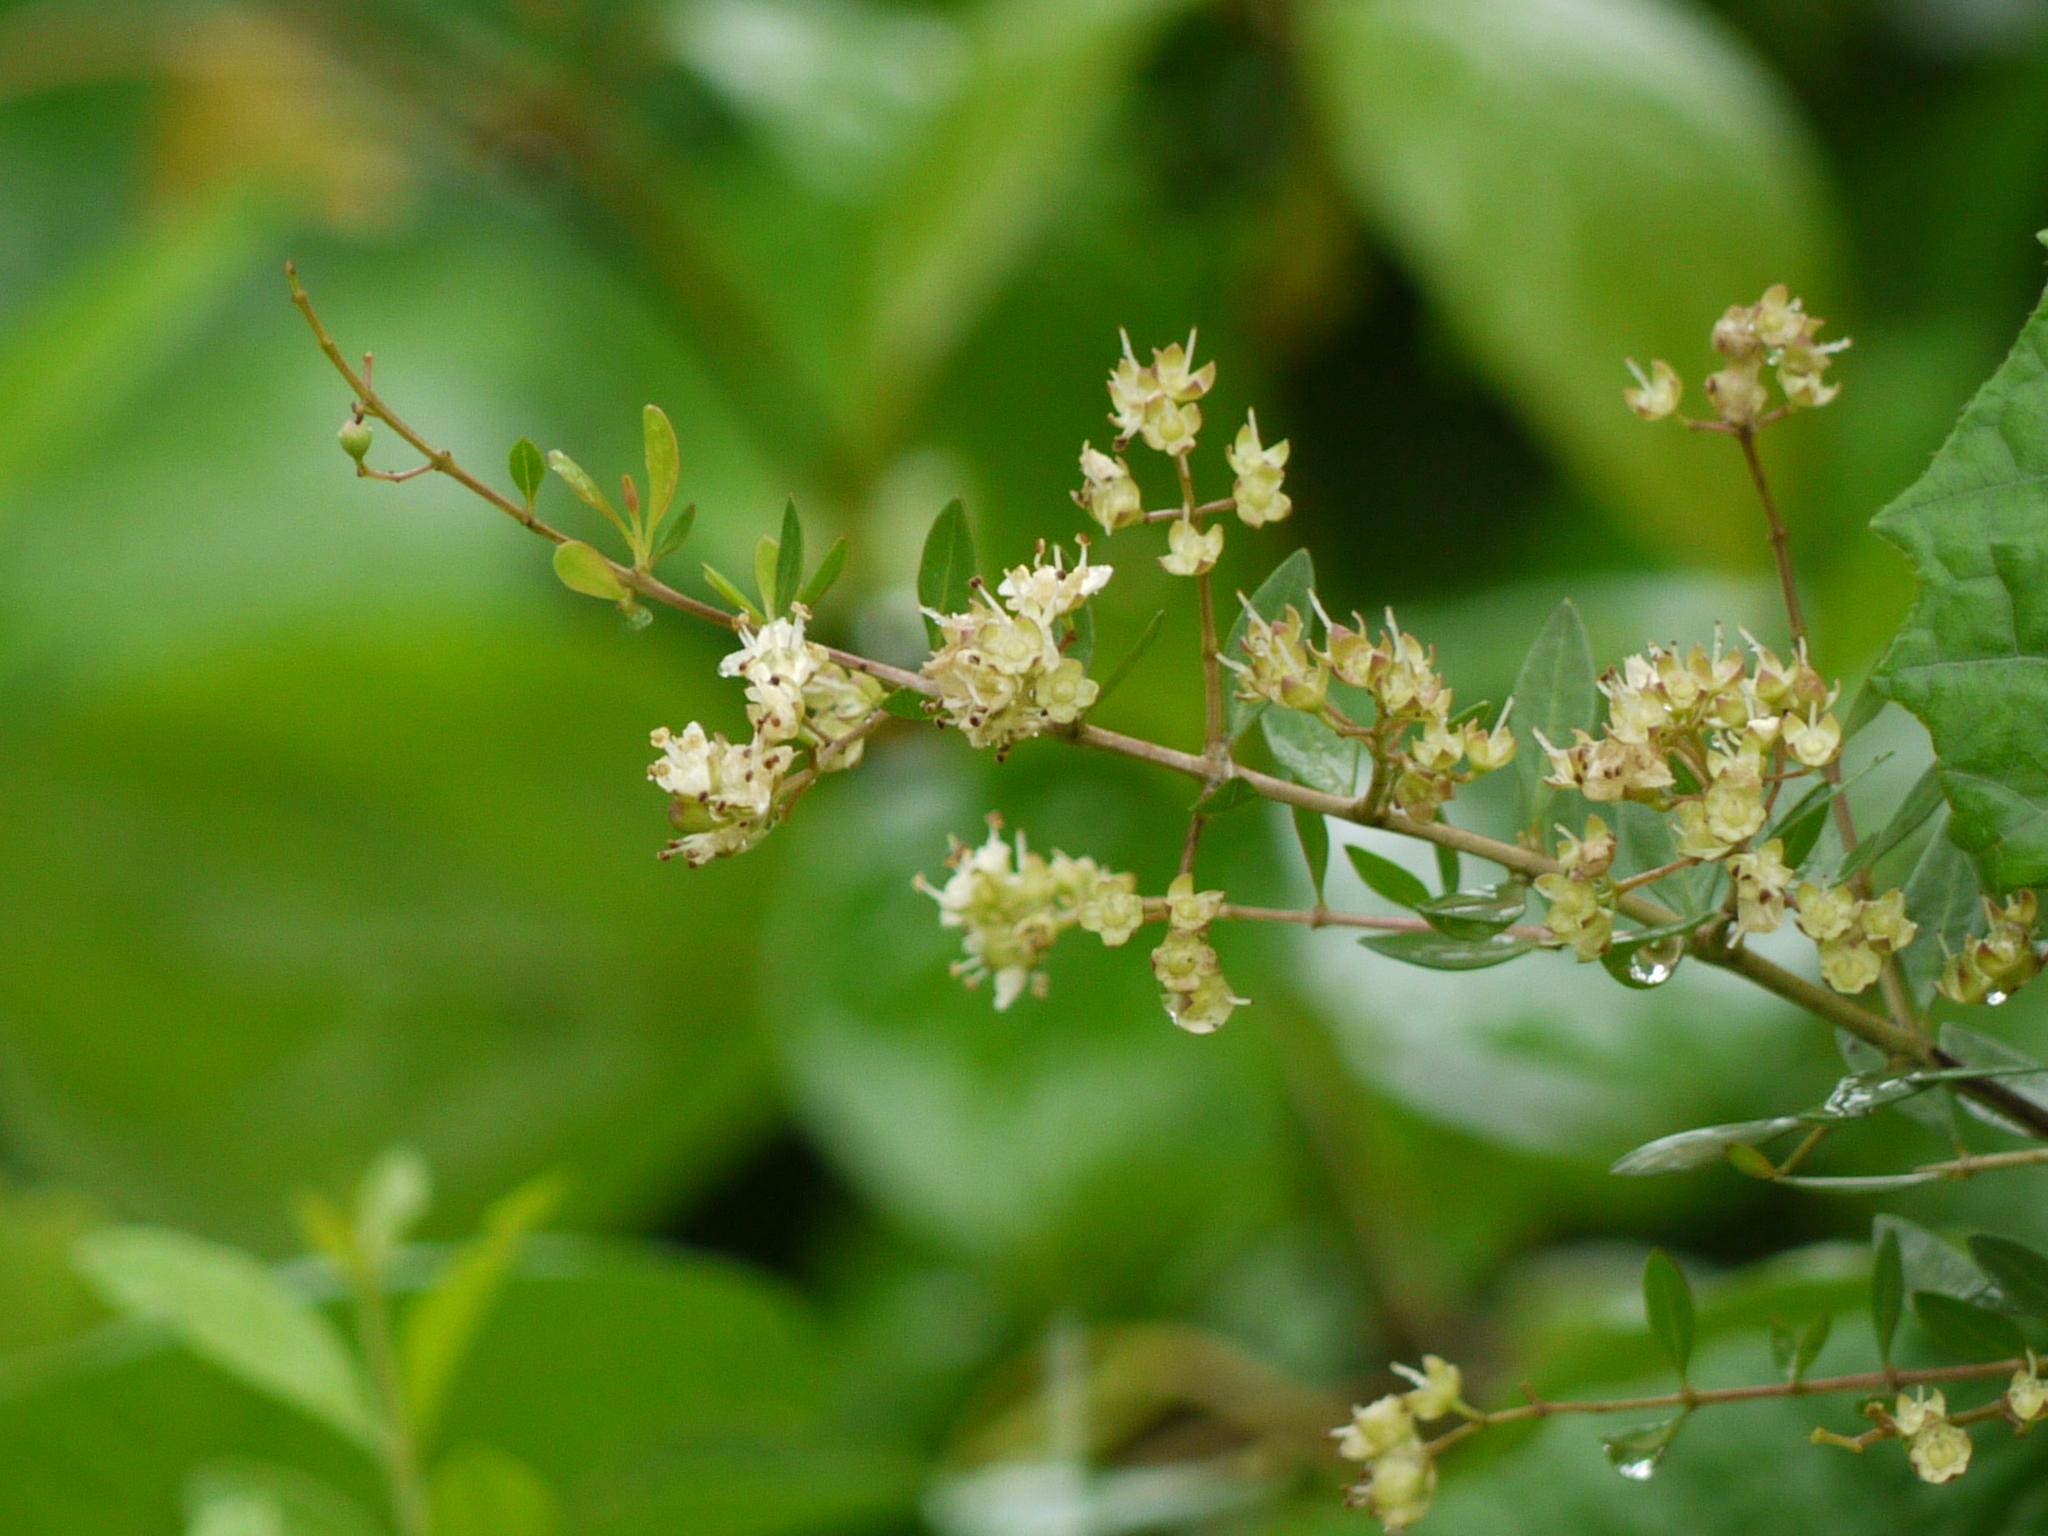 Lawsonia inermis - Wikipedia